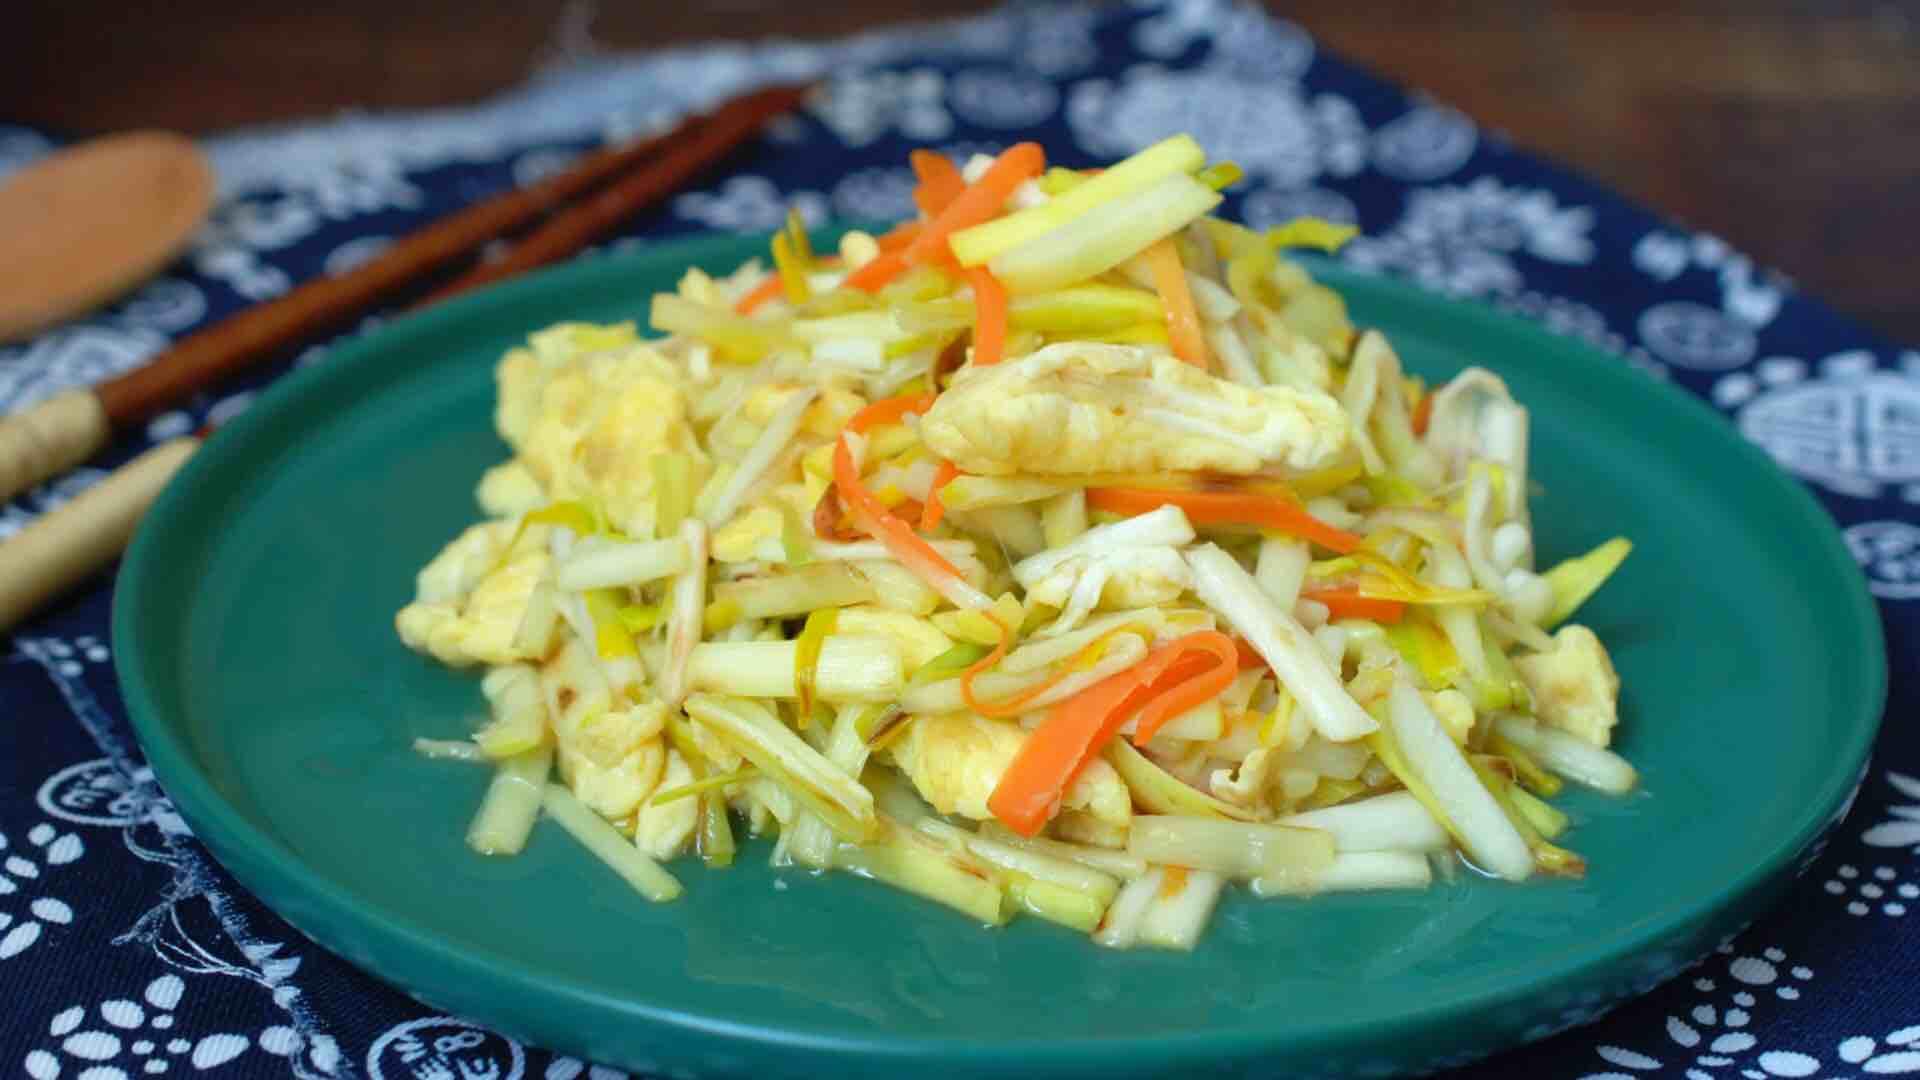 蒜黄炒鸡蛋,自带清香,简单又营养,5分钟上桌